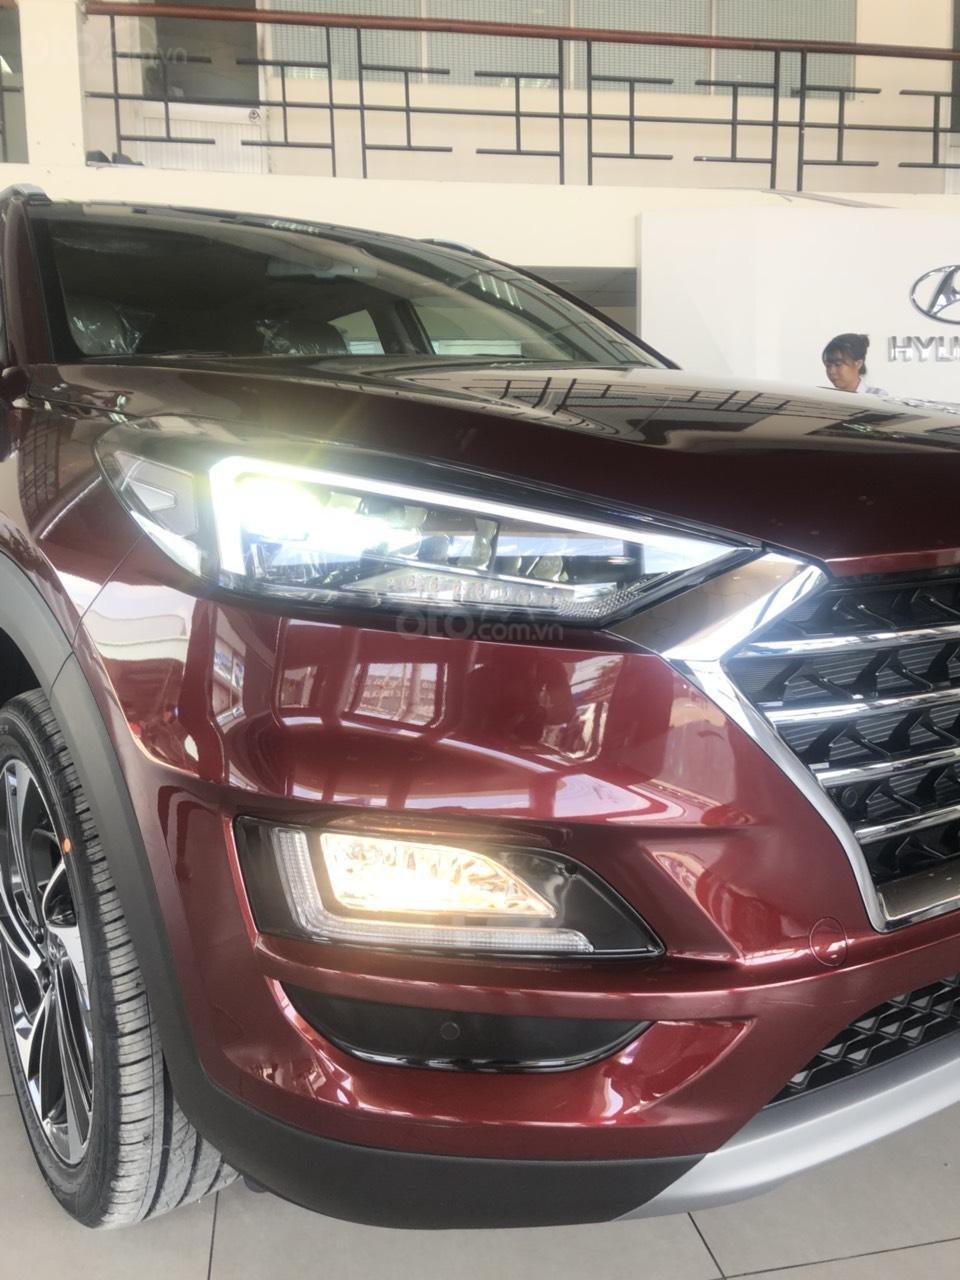 Tucson facelift 2019 đủ màu, xe giao ngay liên hệ ☎ 0358406866 Phương-2